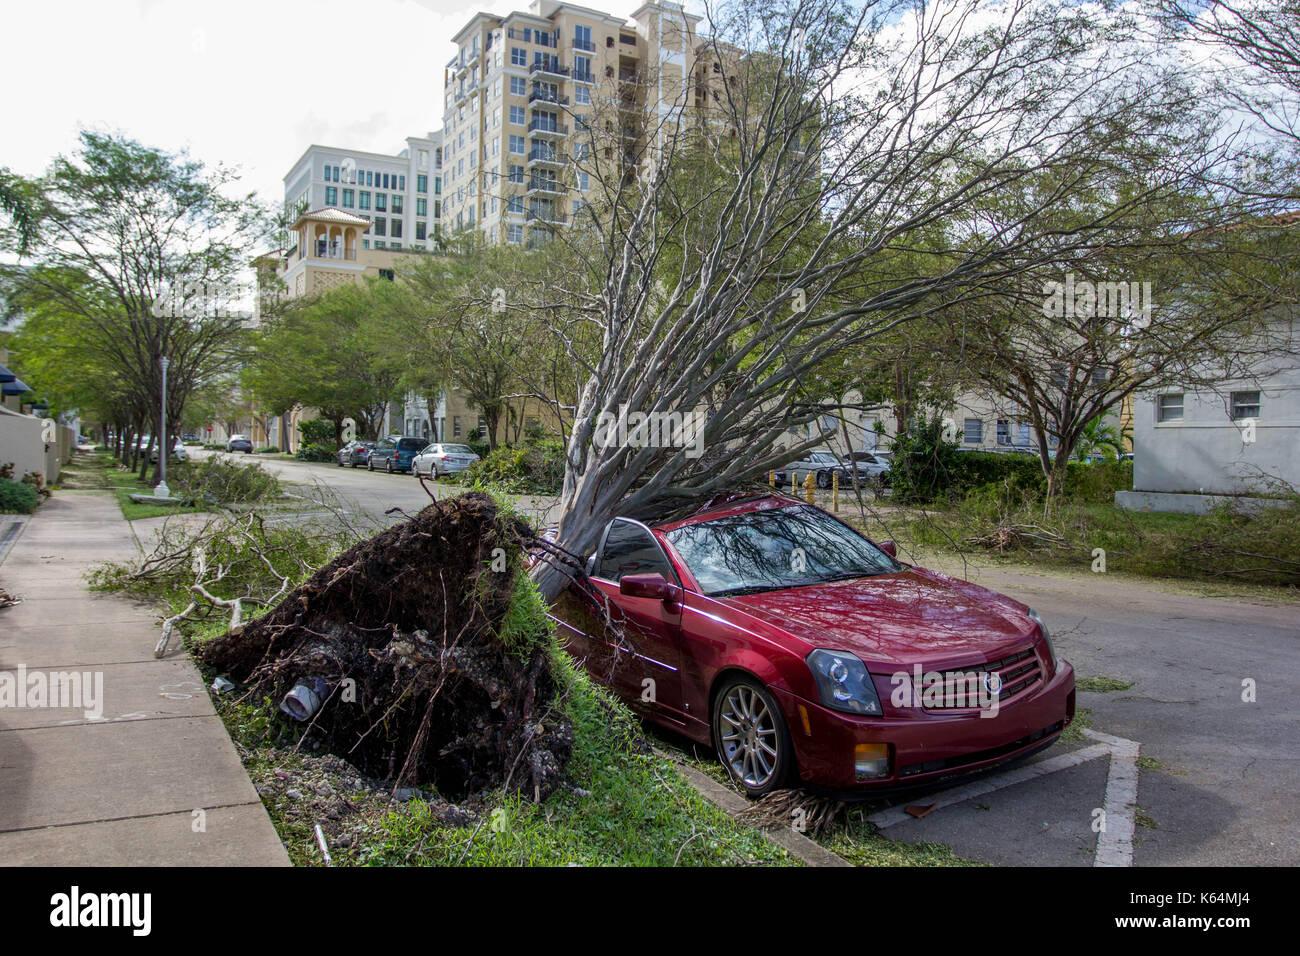 Miami, Floride, USA. Sep 11, 2017. Une voiture est écrasé sous un arbre déraciné après l'ouragan irma à Miami, FL, Banque D'Images